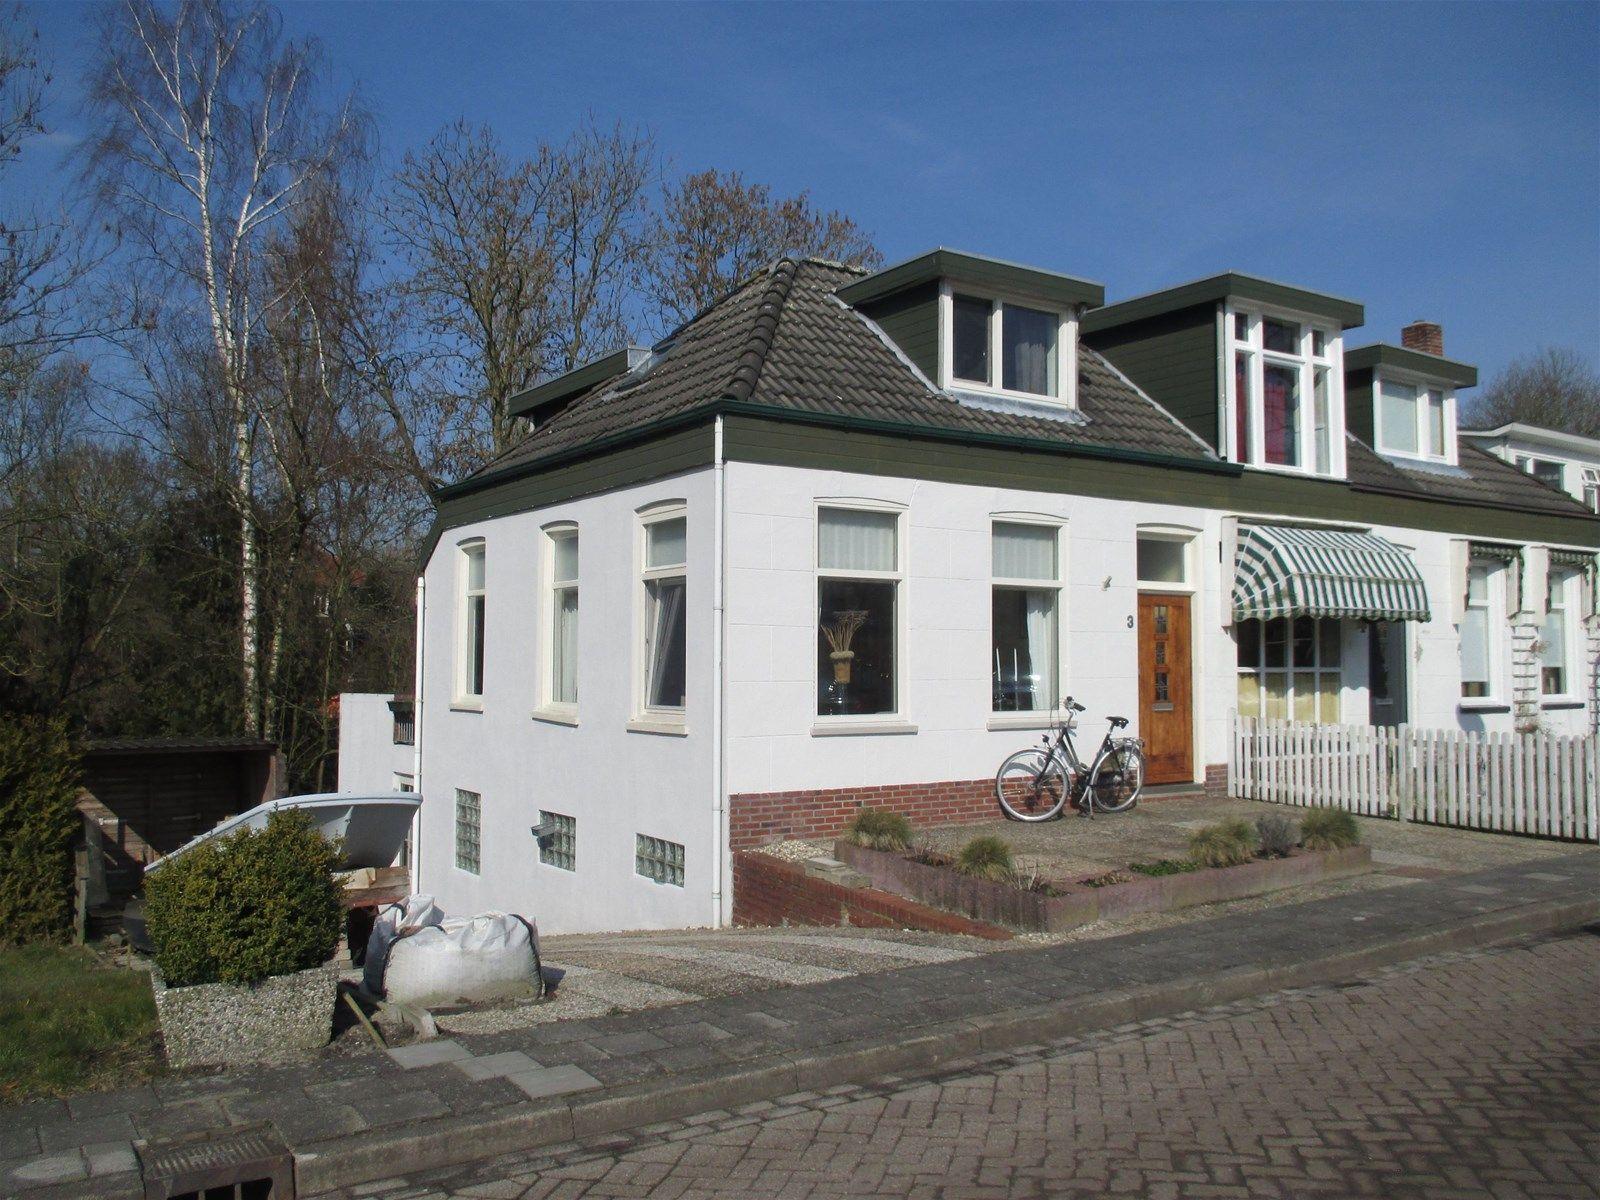 Stationsstraat 3, Bad Nieuweschans